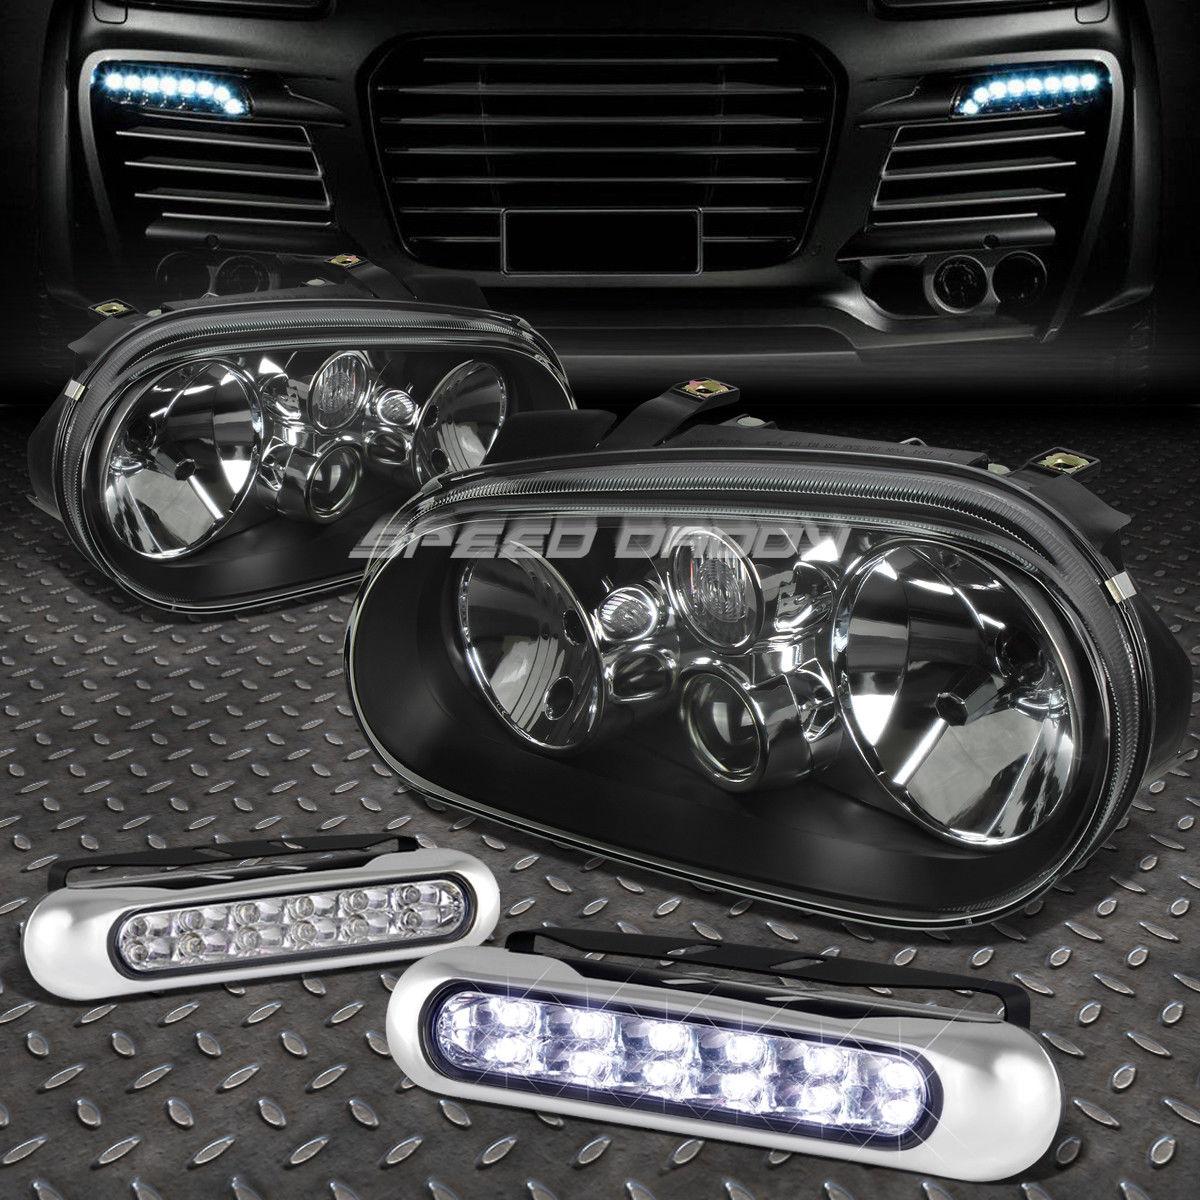 フォグライト BLACK HOUSING CLEAR LENS HEADLIGHT+12 LED GRILL FOG LIGHT FOR 99-06 GOLF MK4 ブラックハウジングクリアレンズヘッドライト+ 99-06ゴルフMK4用12グリルフォグライト